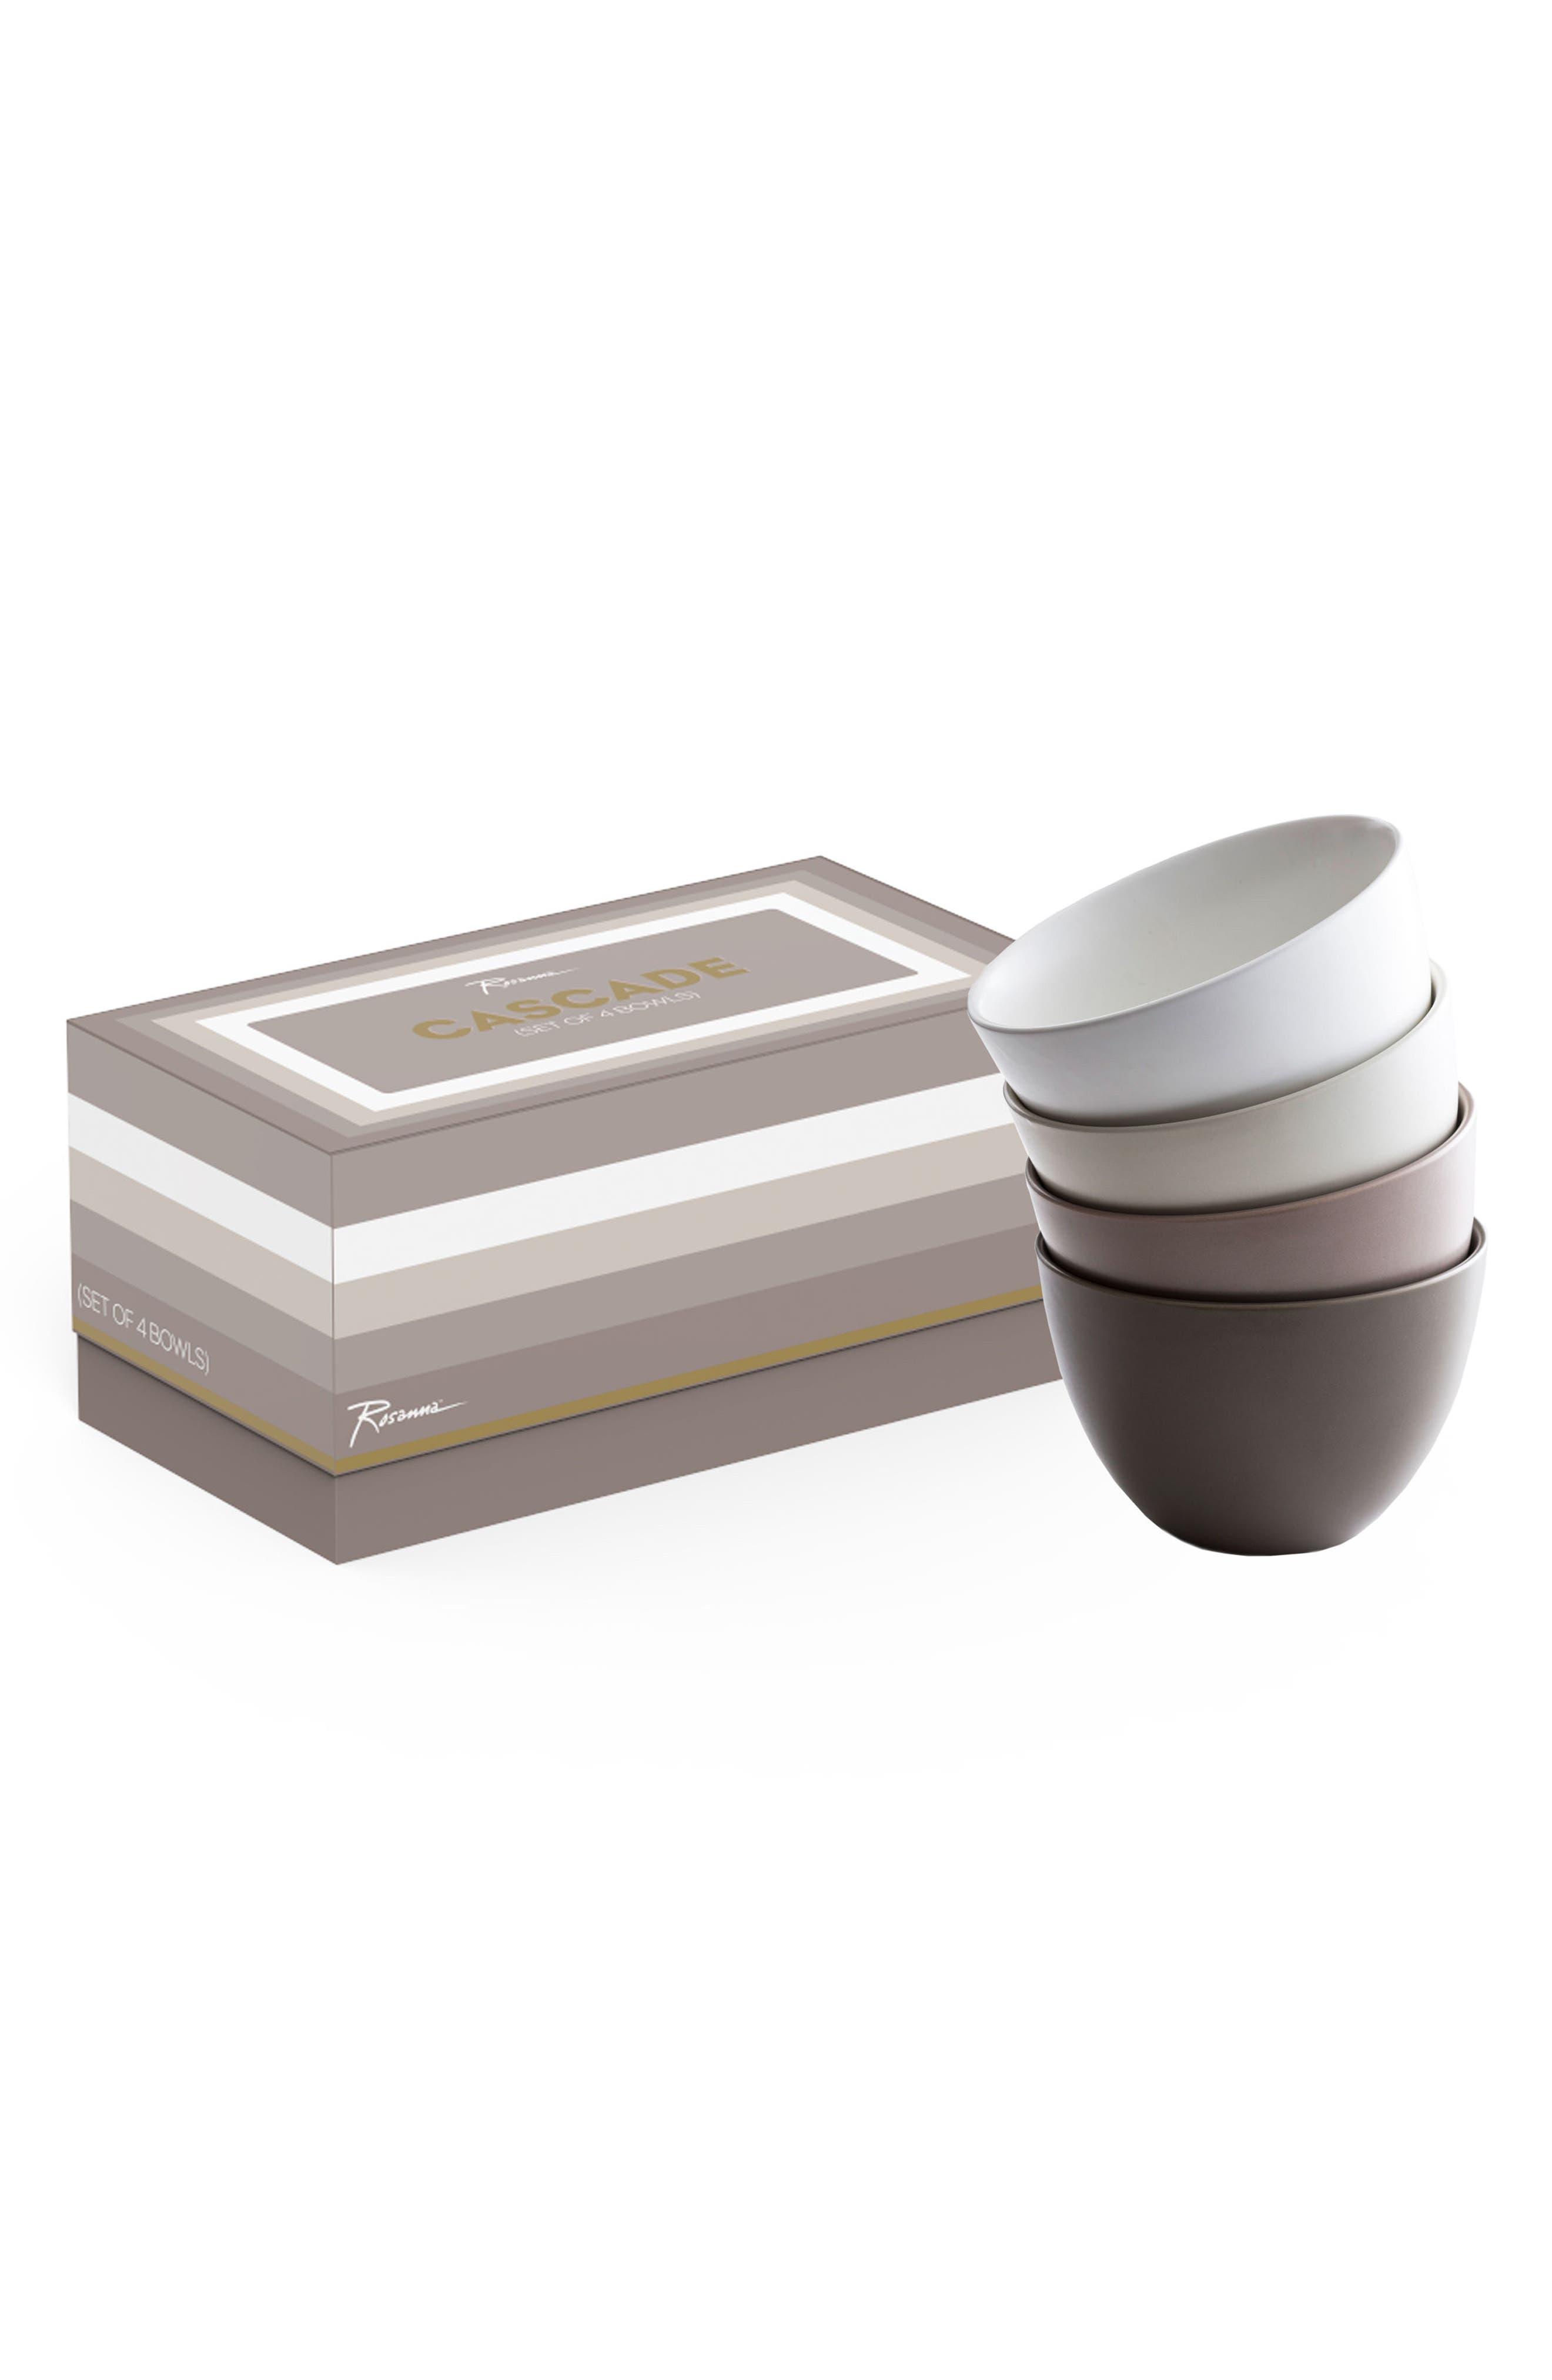 Rosanna Cascade Set of 4 Porcelain Bowls